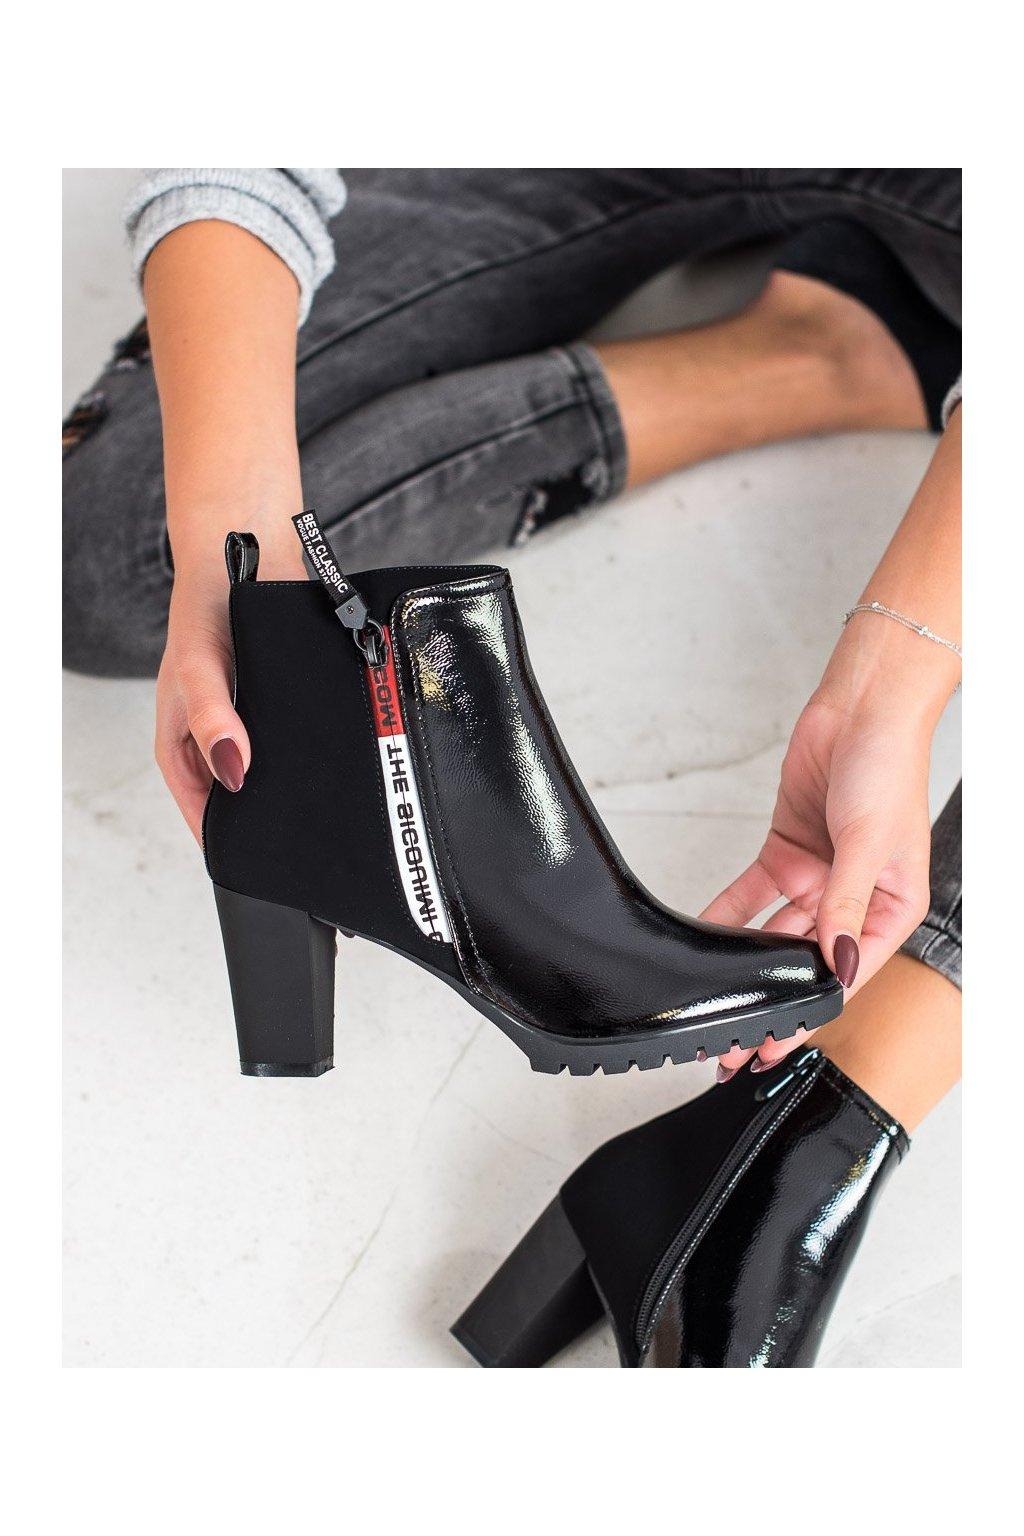 Čierne dámske topánky Gogo kod SG-353B